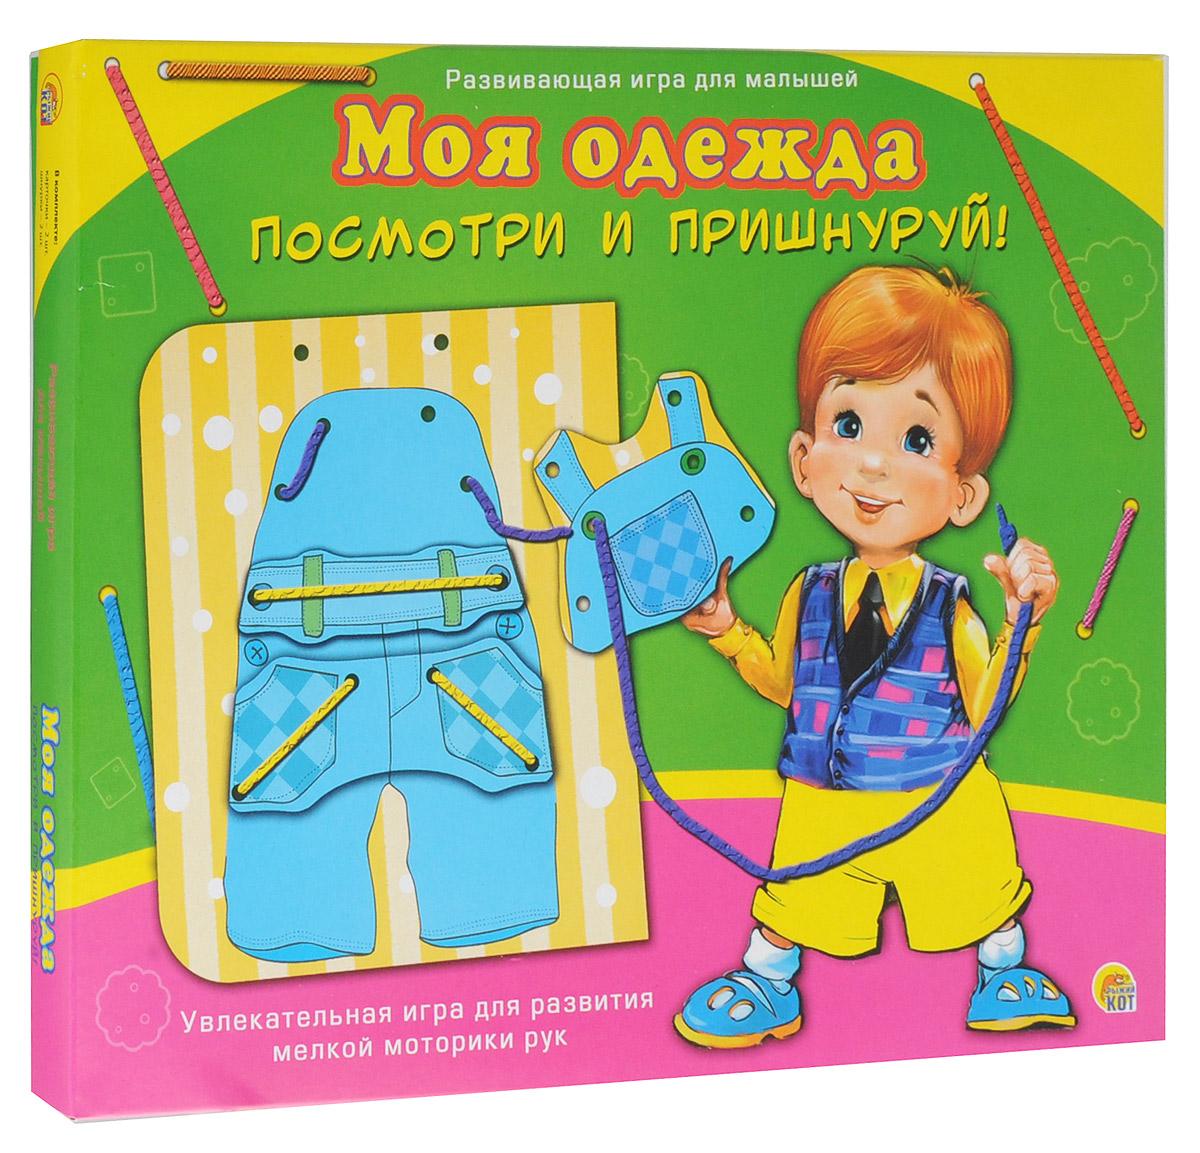 Рыжий Кот Настольная игра Моя одеждаИШ-8774Игра-шнуровка Рыжий Кот Моя одежда - увлекательная игра для самых маленьких! Задача заключается в том, чтобы пришнуровать детали одежды к соответствующей карточке. В наборе вы найдёте 2 карточки с изображениями и 2 шнурочка. Чтобы закрепить шнурочек, сделайте на его конце узелок. Когда малыш сможет пришнуровать детали, у него получится забавная яркая карточка, которую можно подарить маме или другу. Игра-шнуровка поможет ребенку развить мелкую моторику рук, логическое мышление и фантазию, а также научит малыша аккуратности и усидчивости.